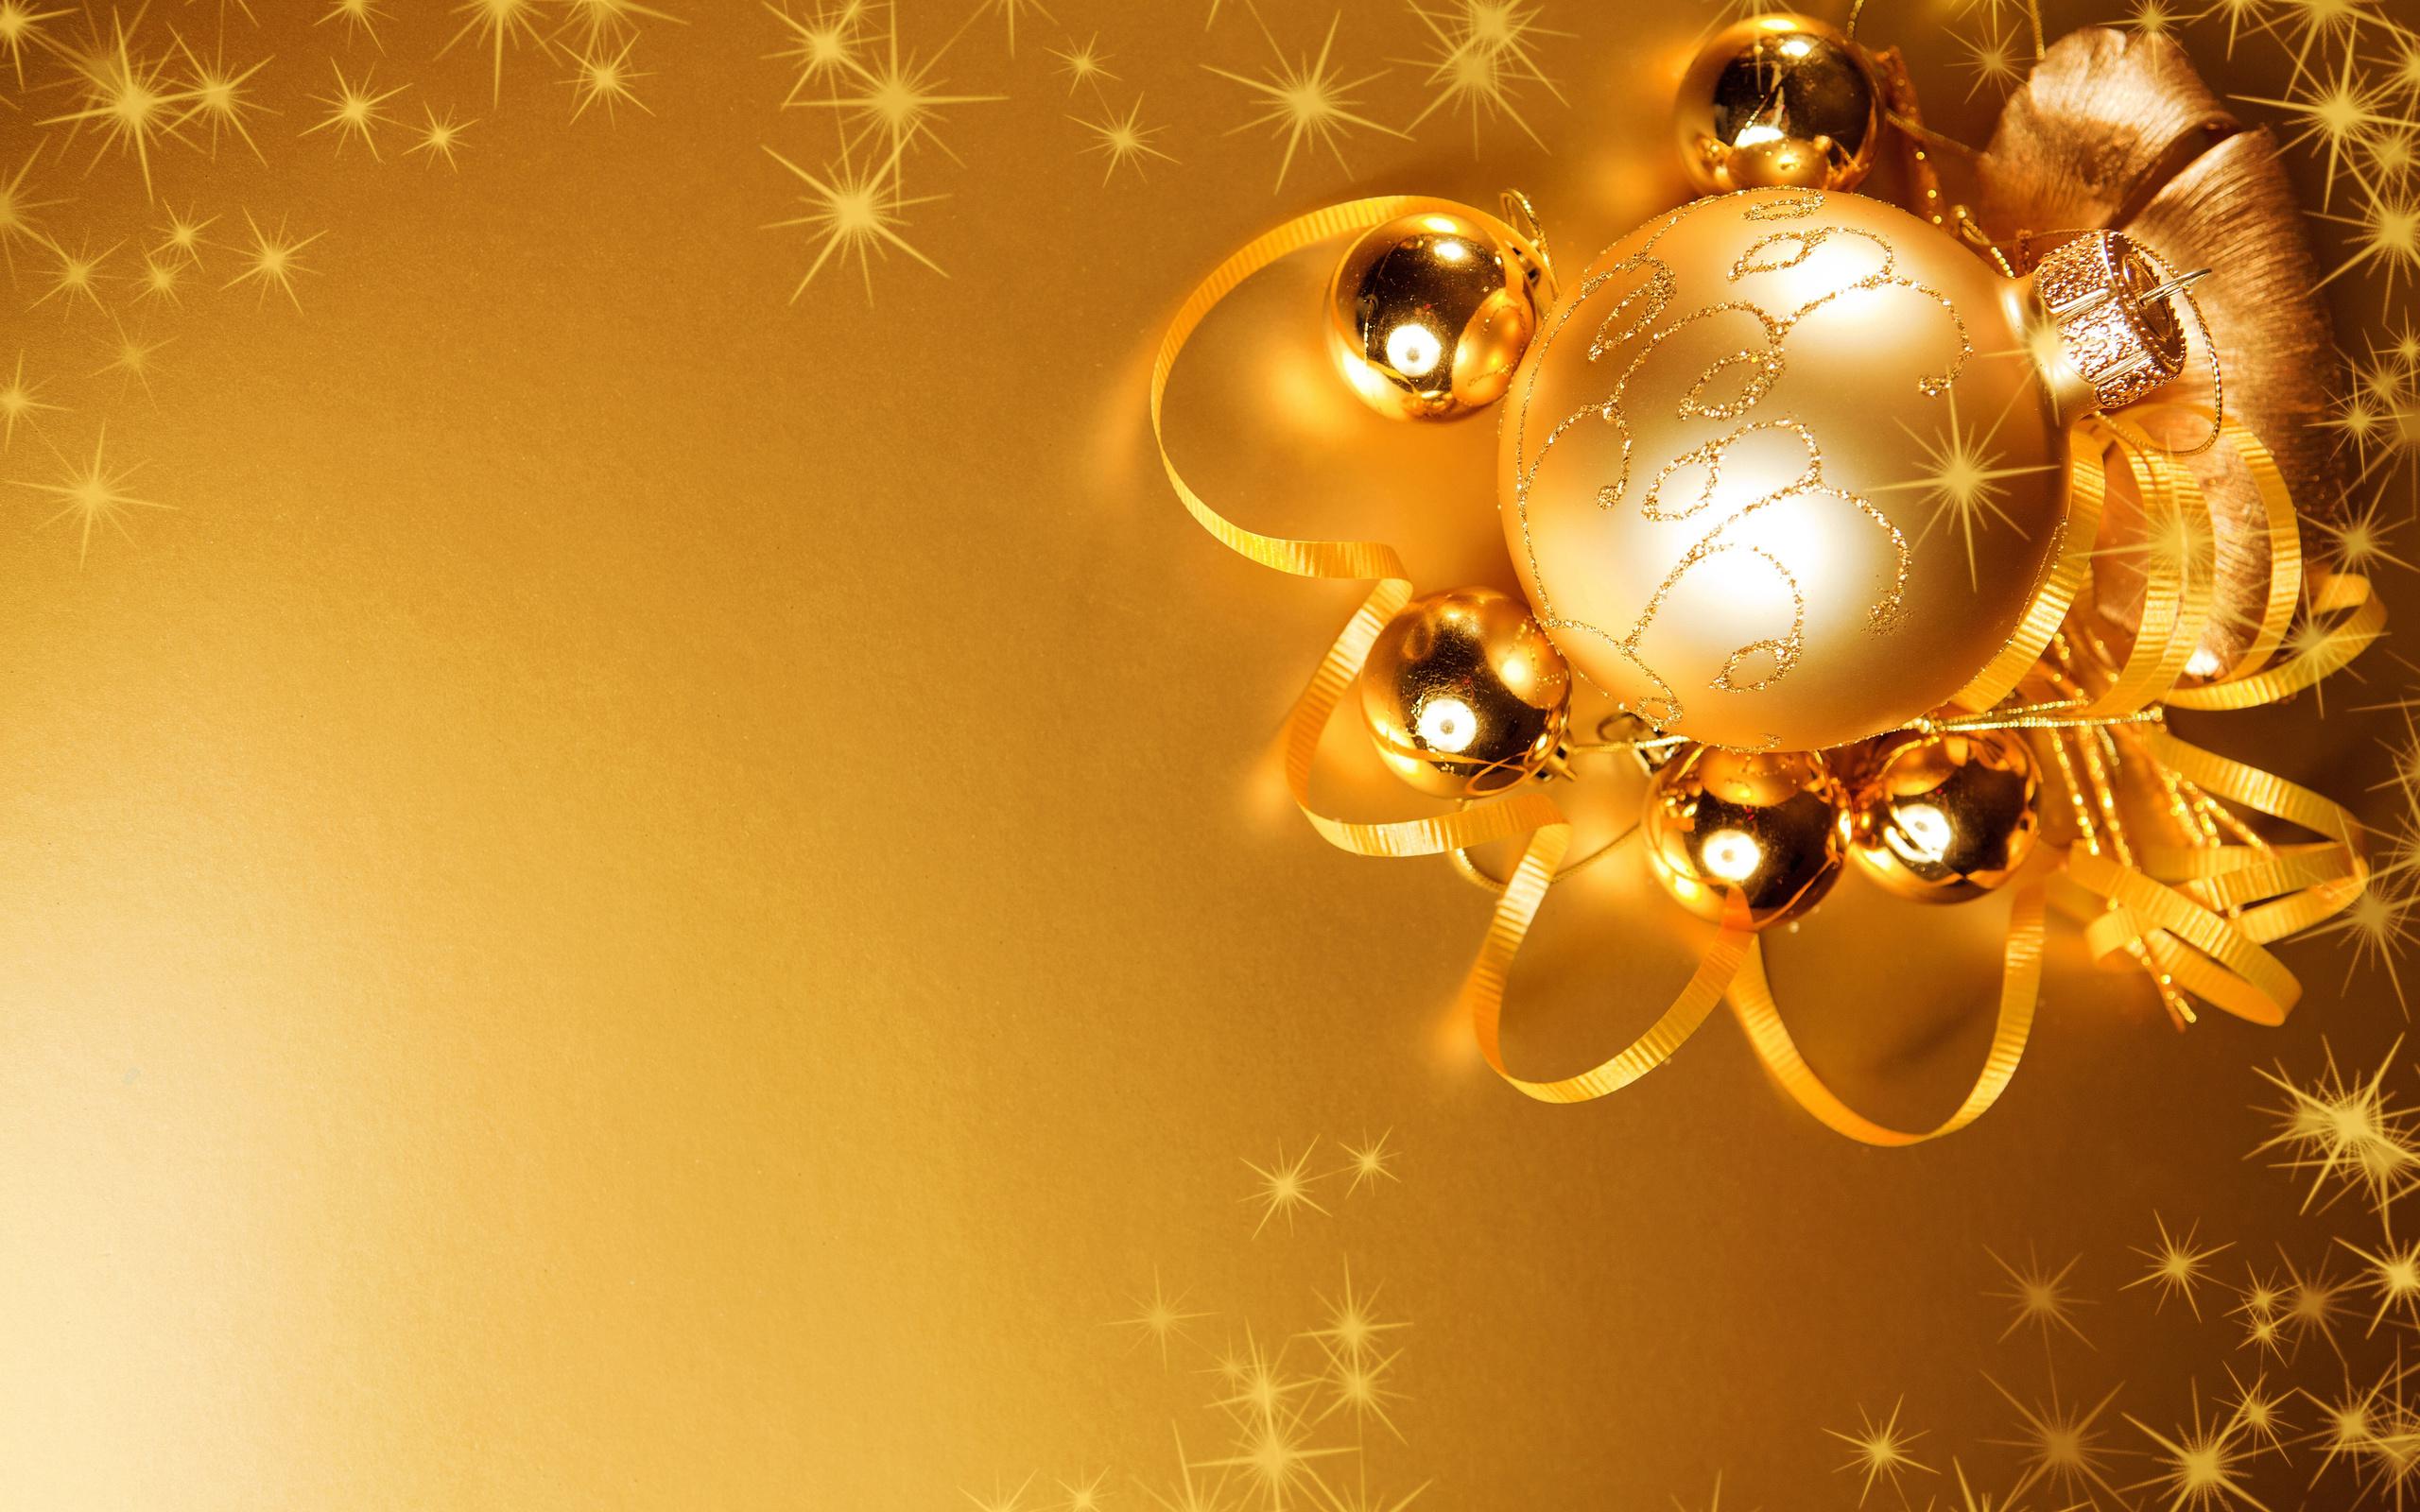 Новогодняя картинка золотая